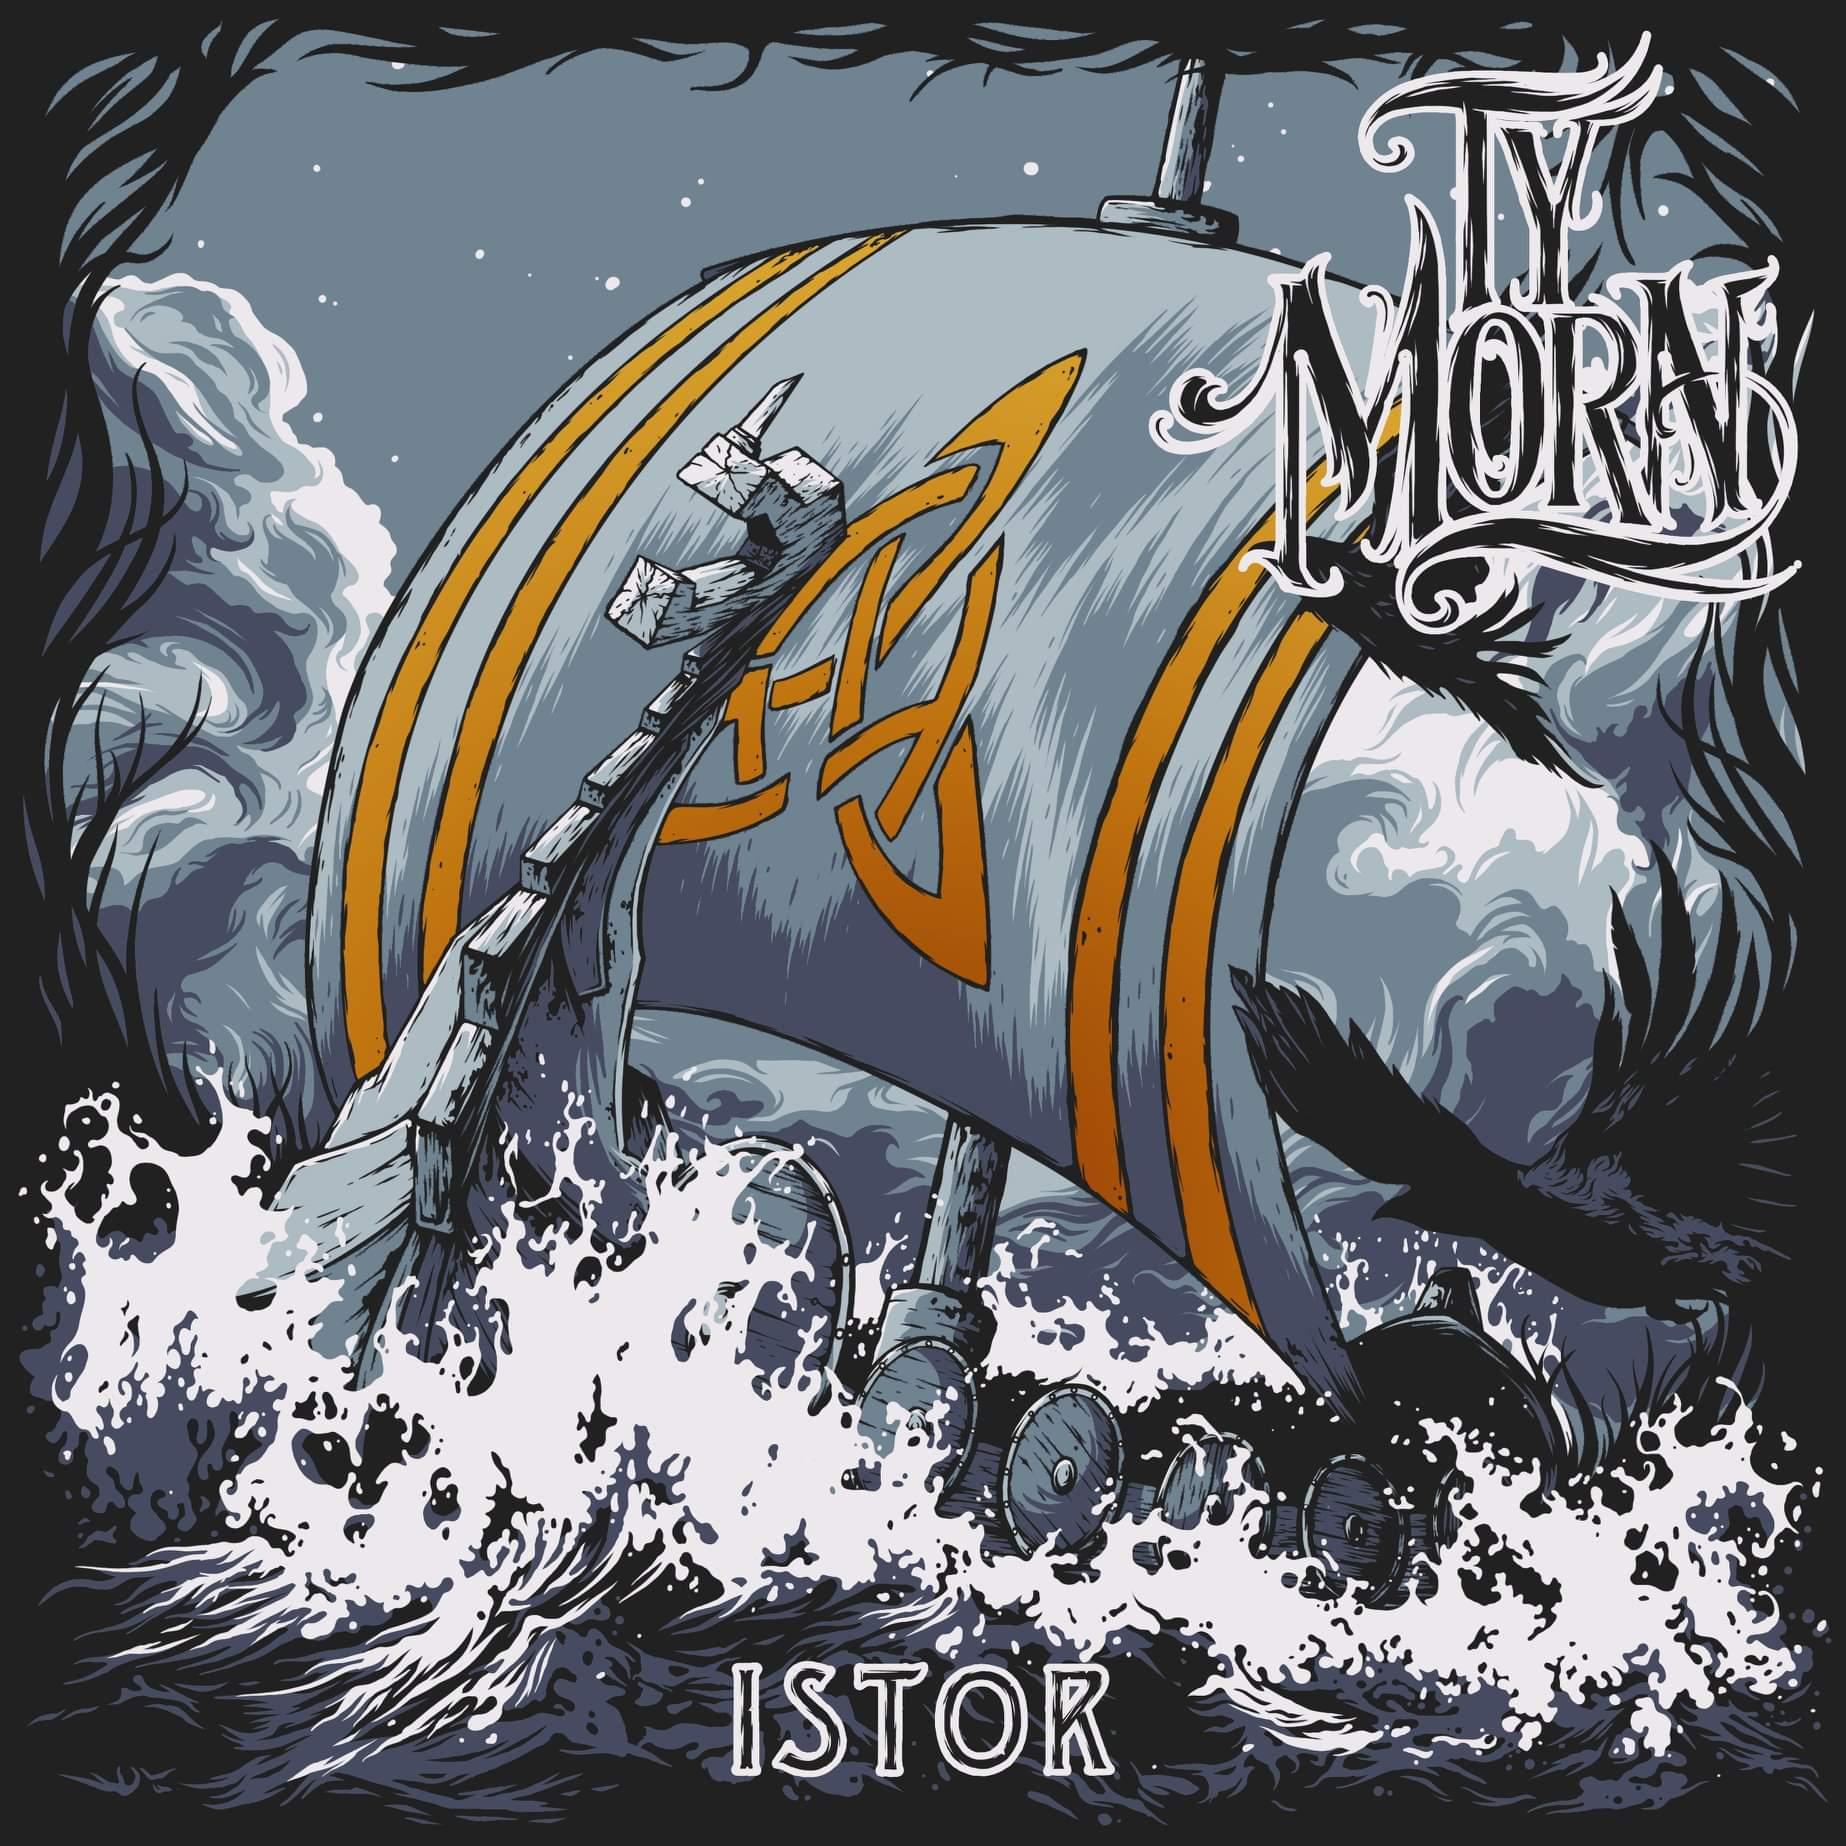 ty-morn-istor-feinster-edelstahl-album-review